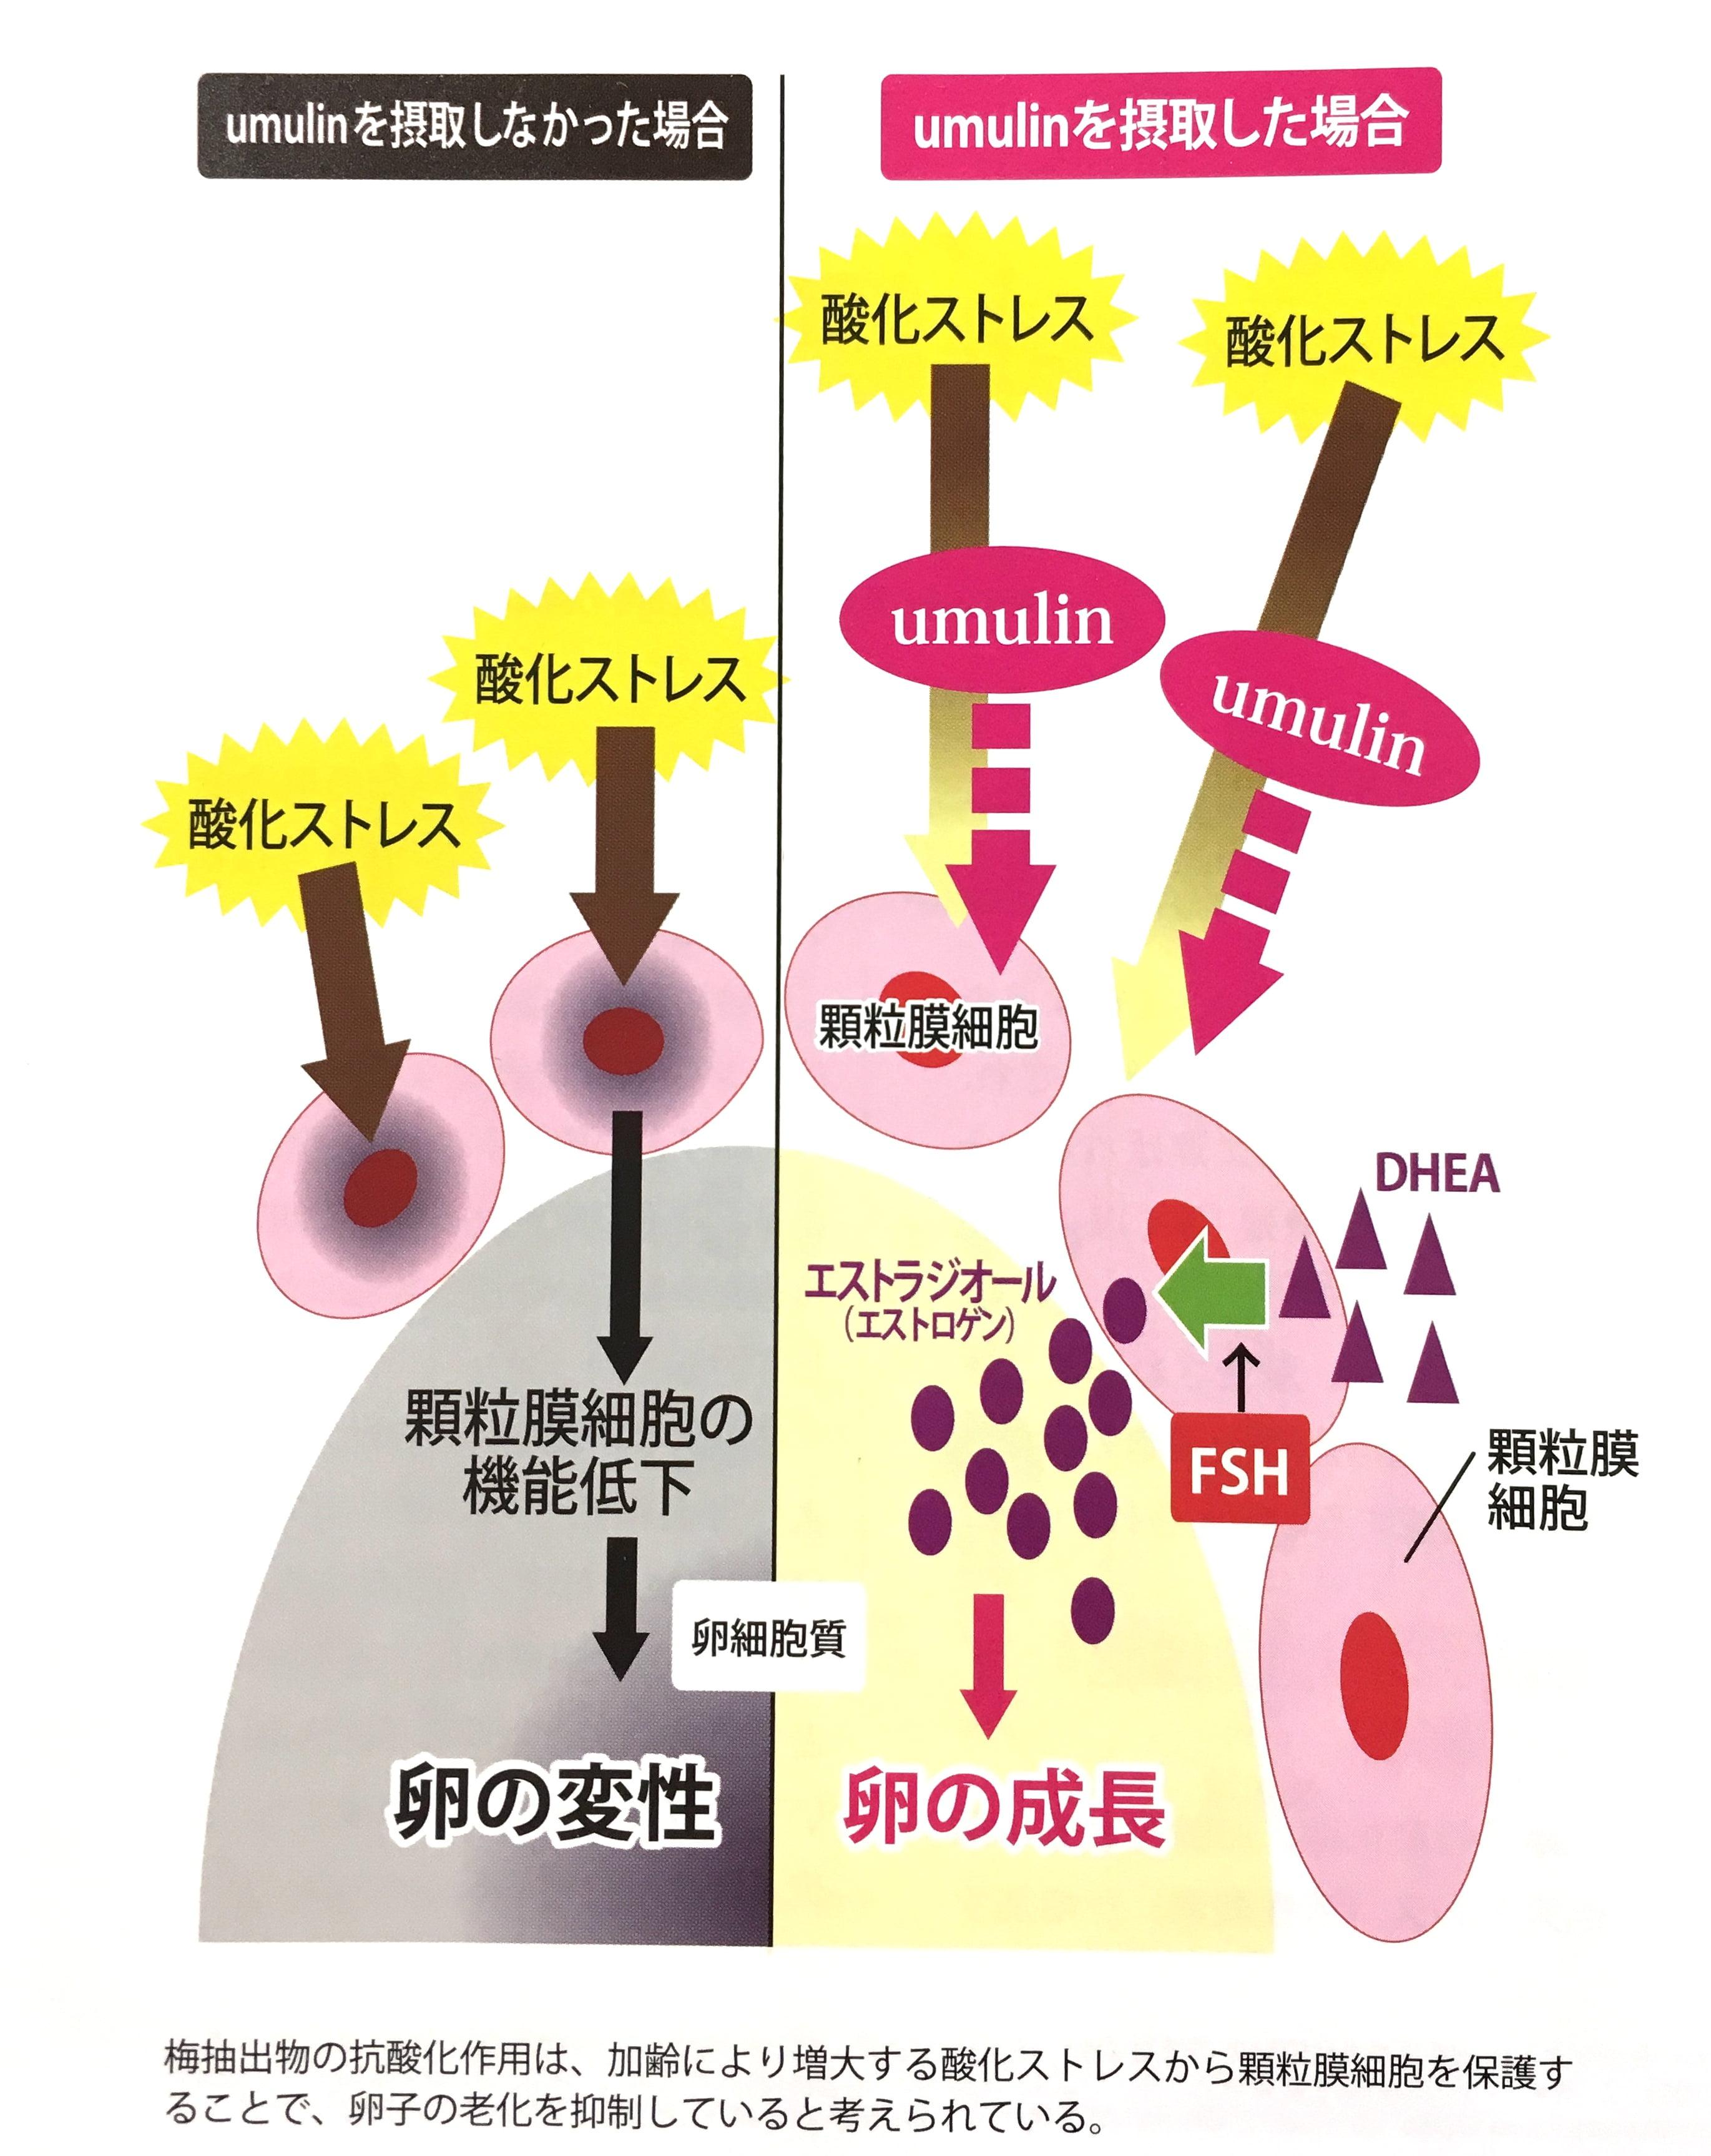 顆粒細胞膜を守るウムリン